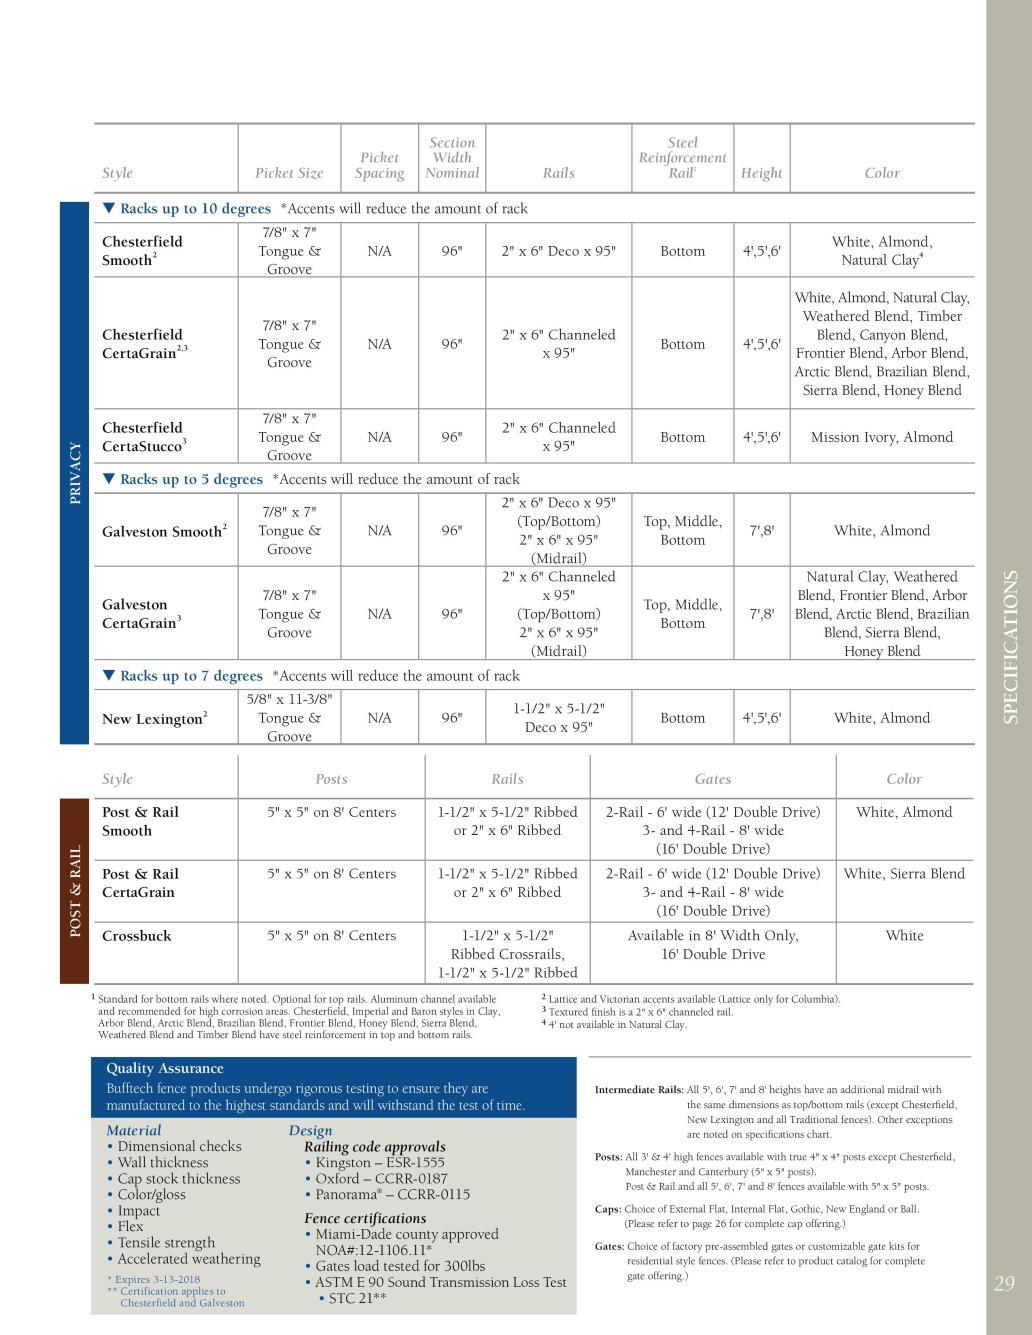 FRD_40-40-70610_Fulline-page-029